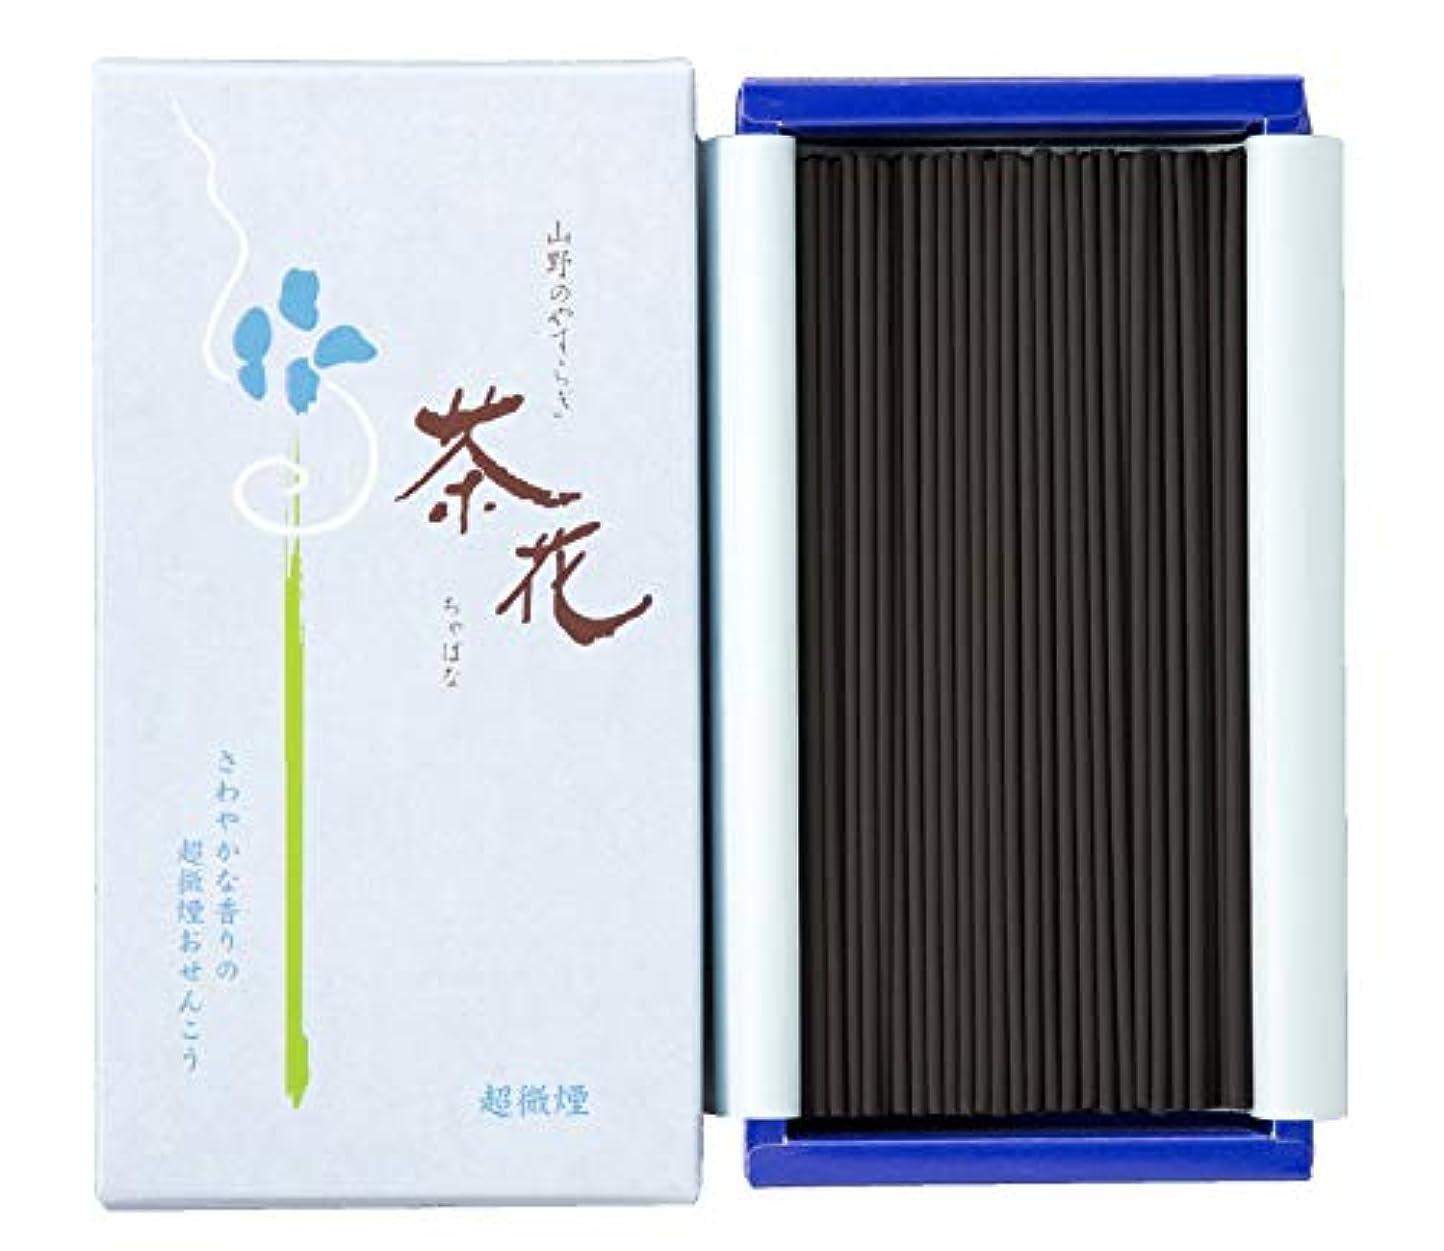 ミサイル無限大想像力尚林堂 茶花 超微煙 小型バラ詰 159120-1060